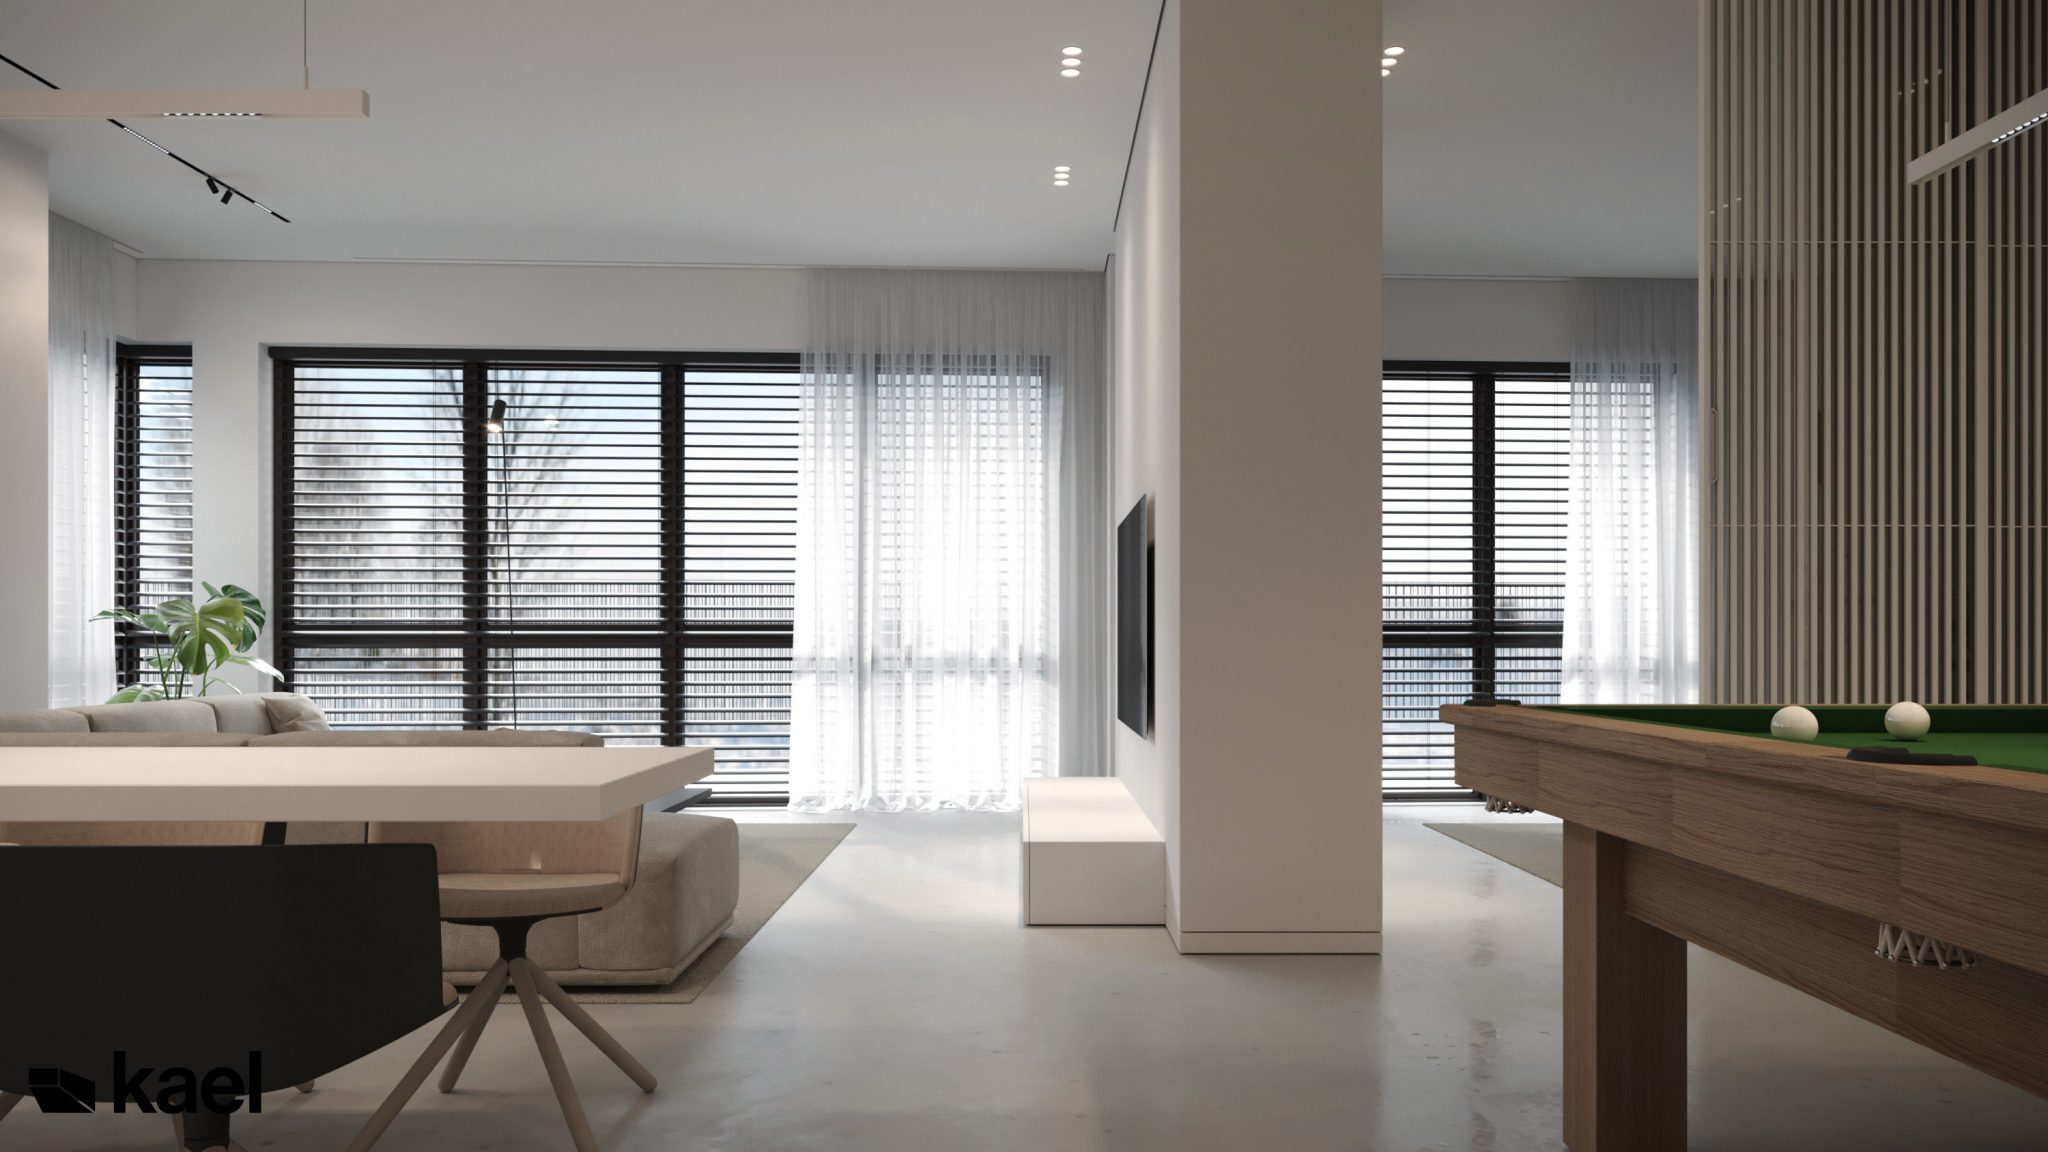 Salon w projekcie Wielicka - Kael Architekci